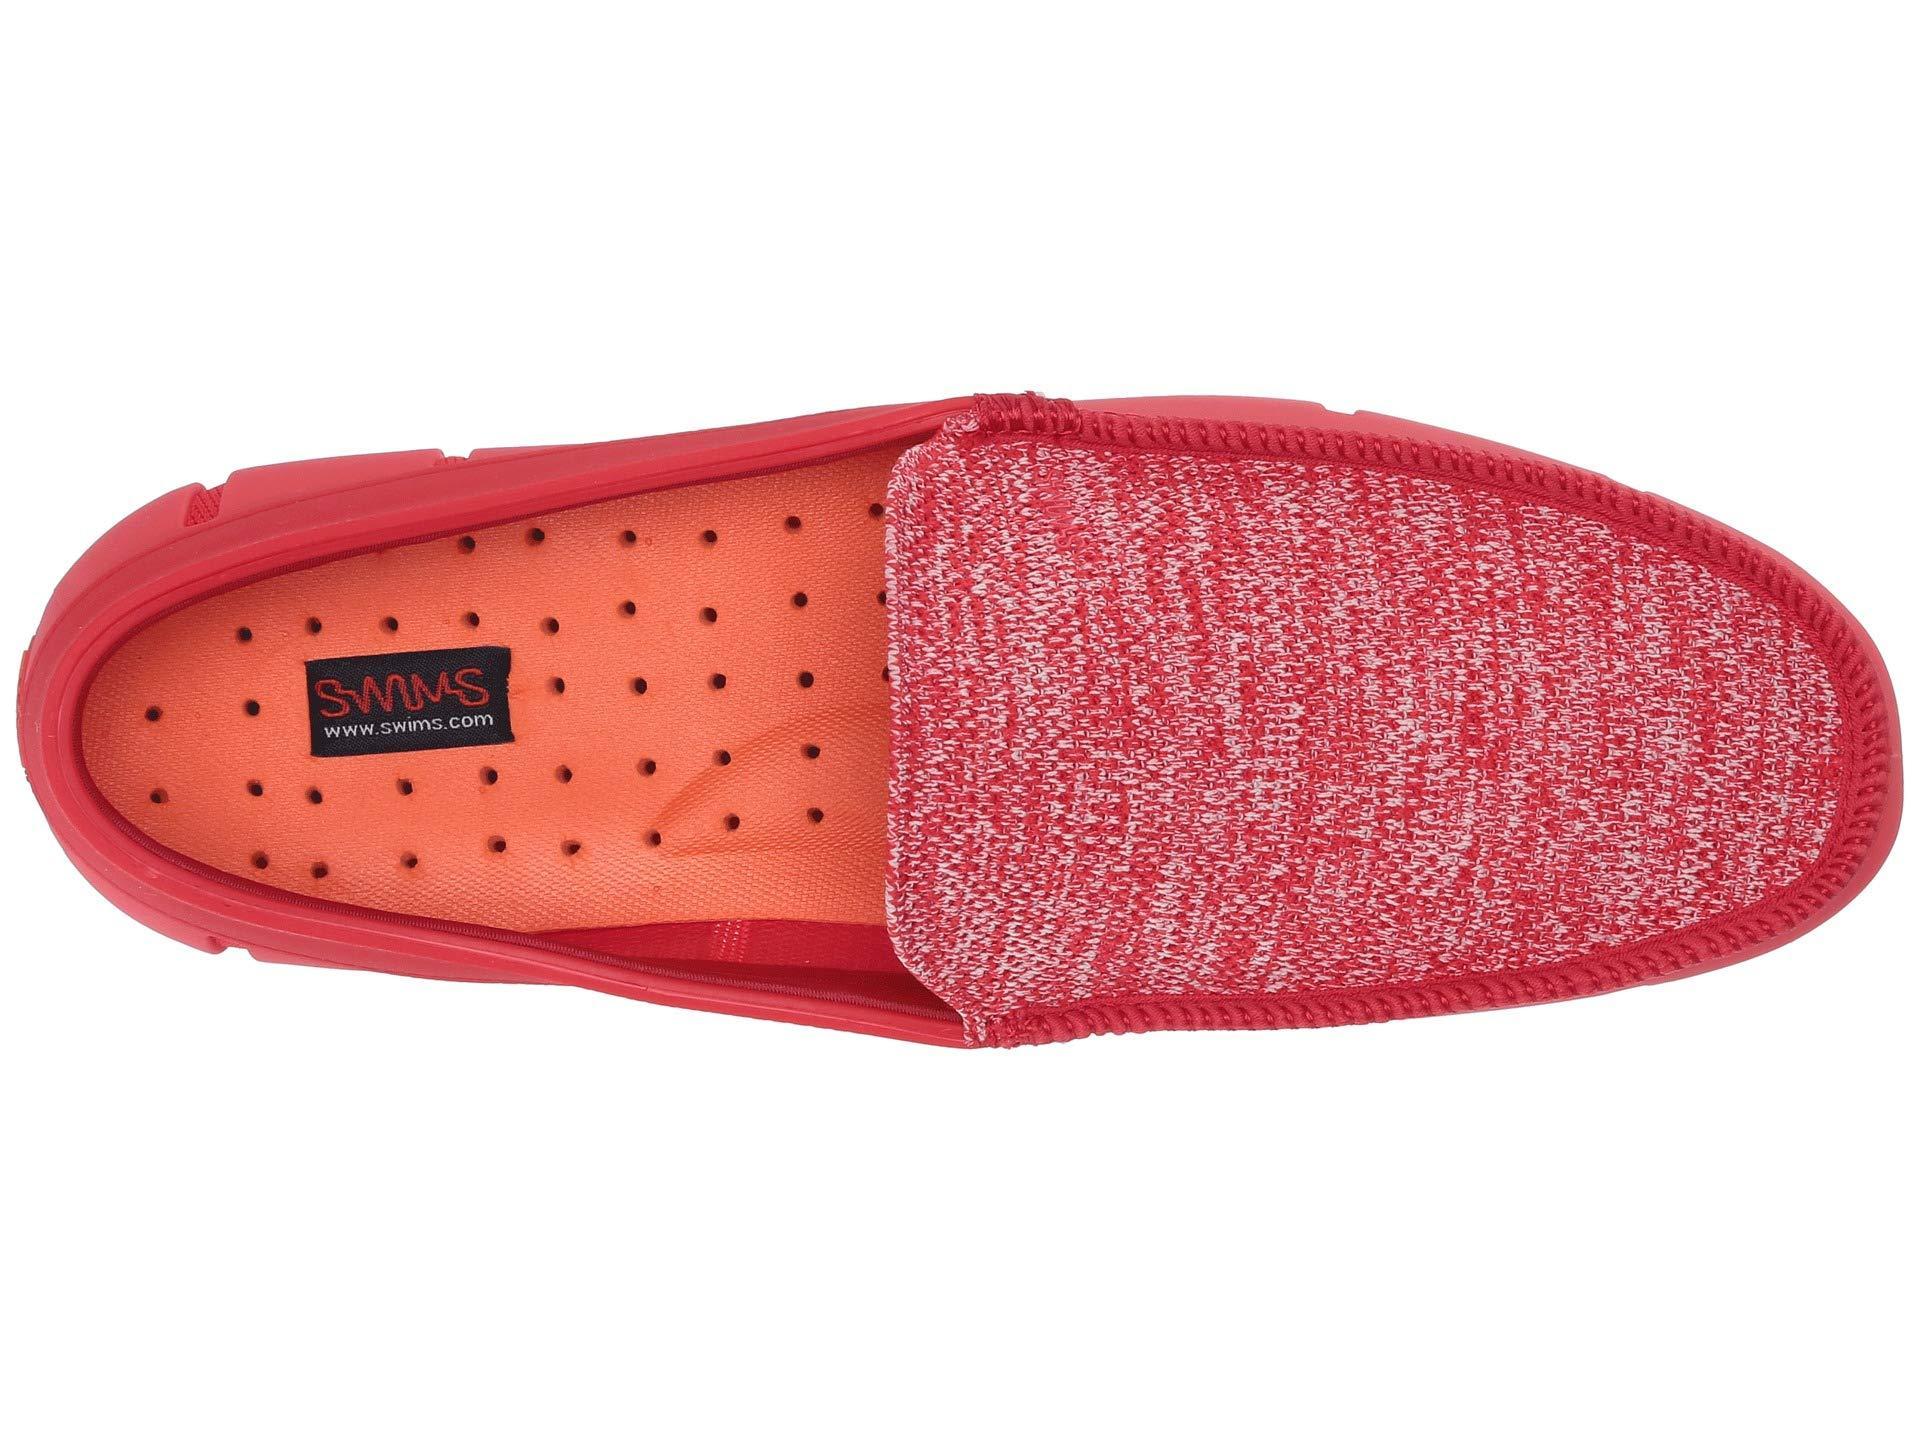 30e6acd993cd Swims - Red Classic Venetian Loafer (black gray) Men s Slip On Shoes for.  View fullscreen